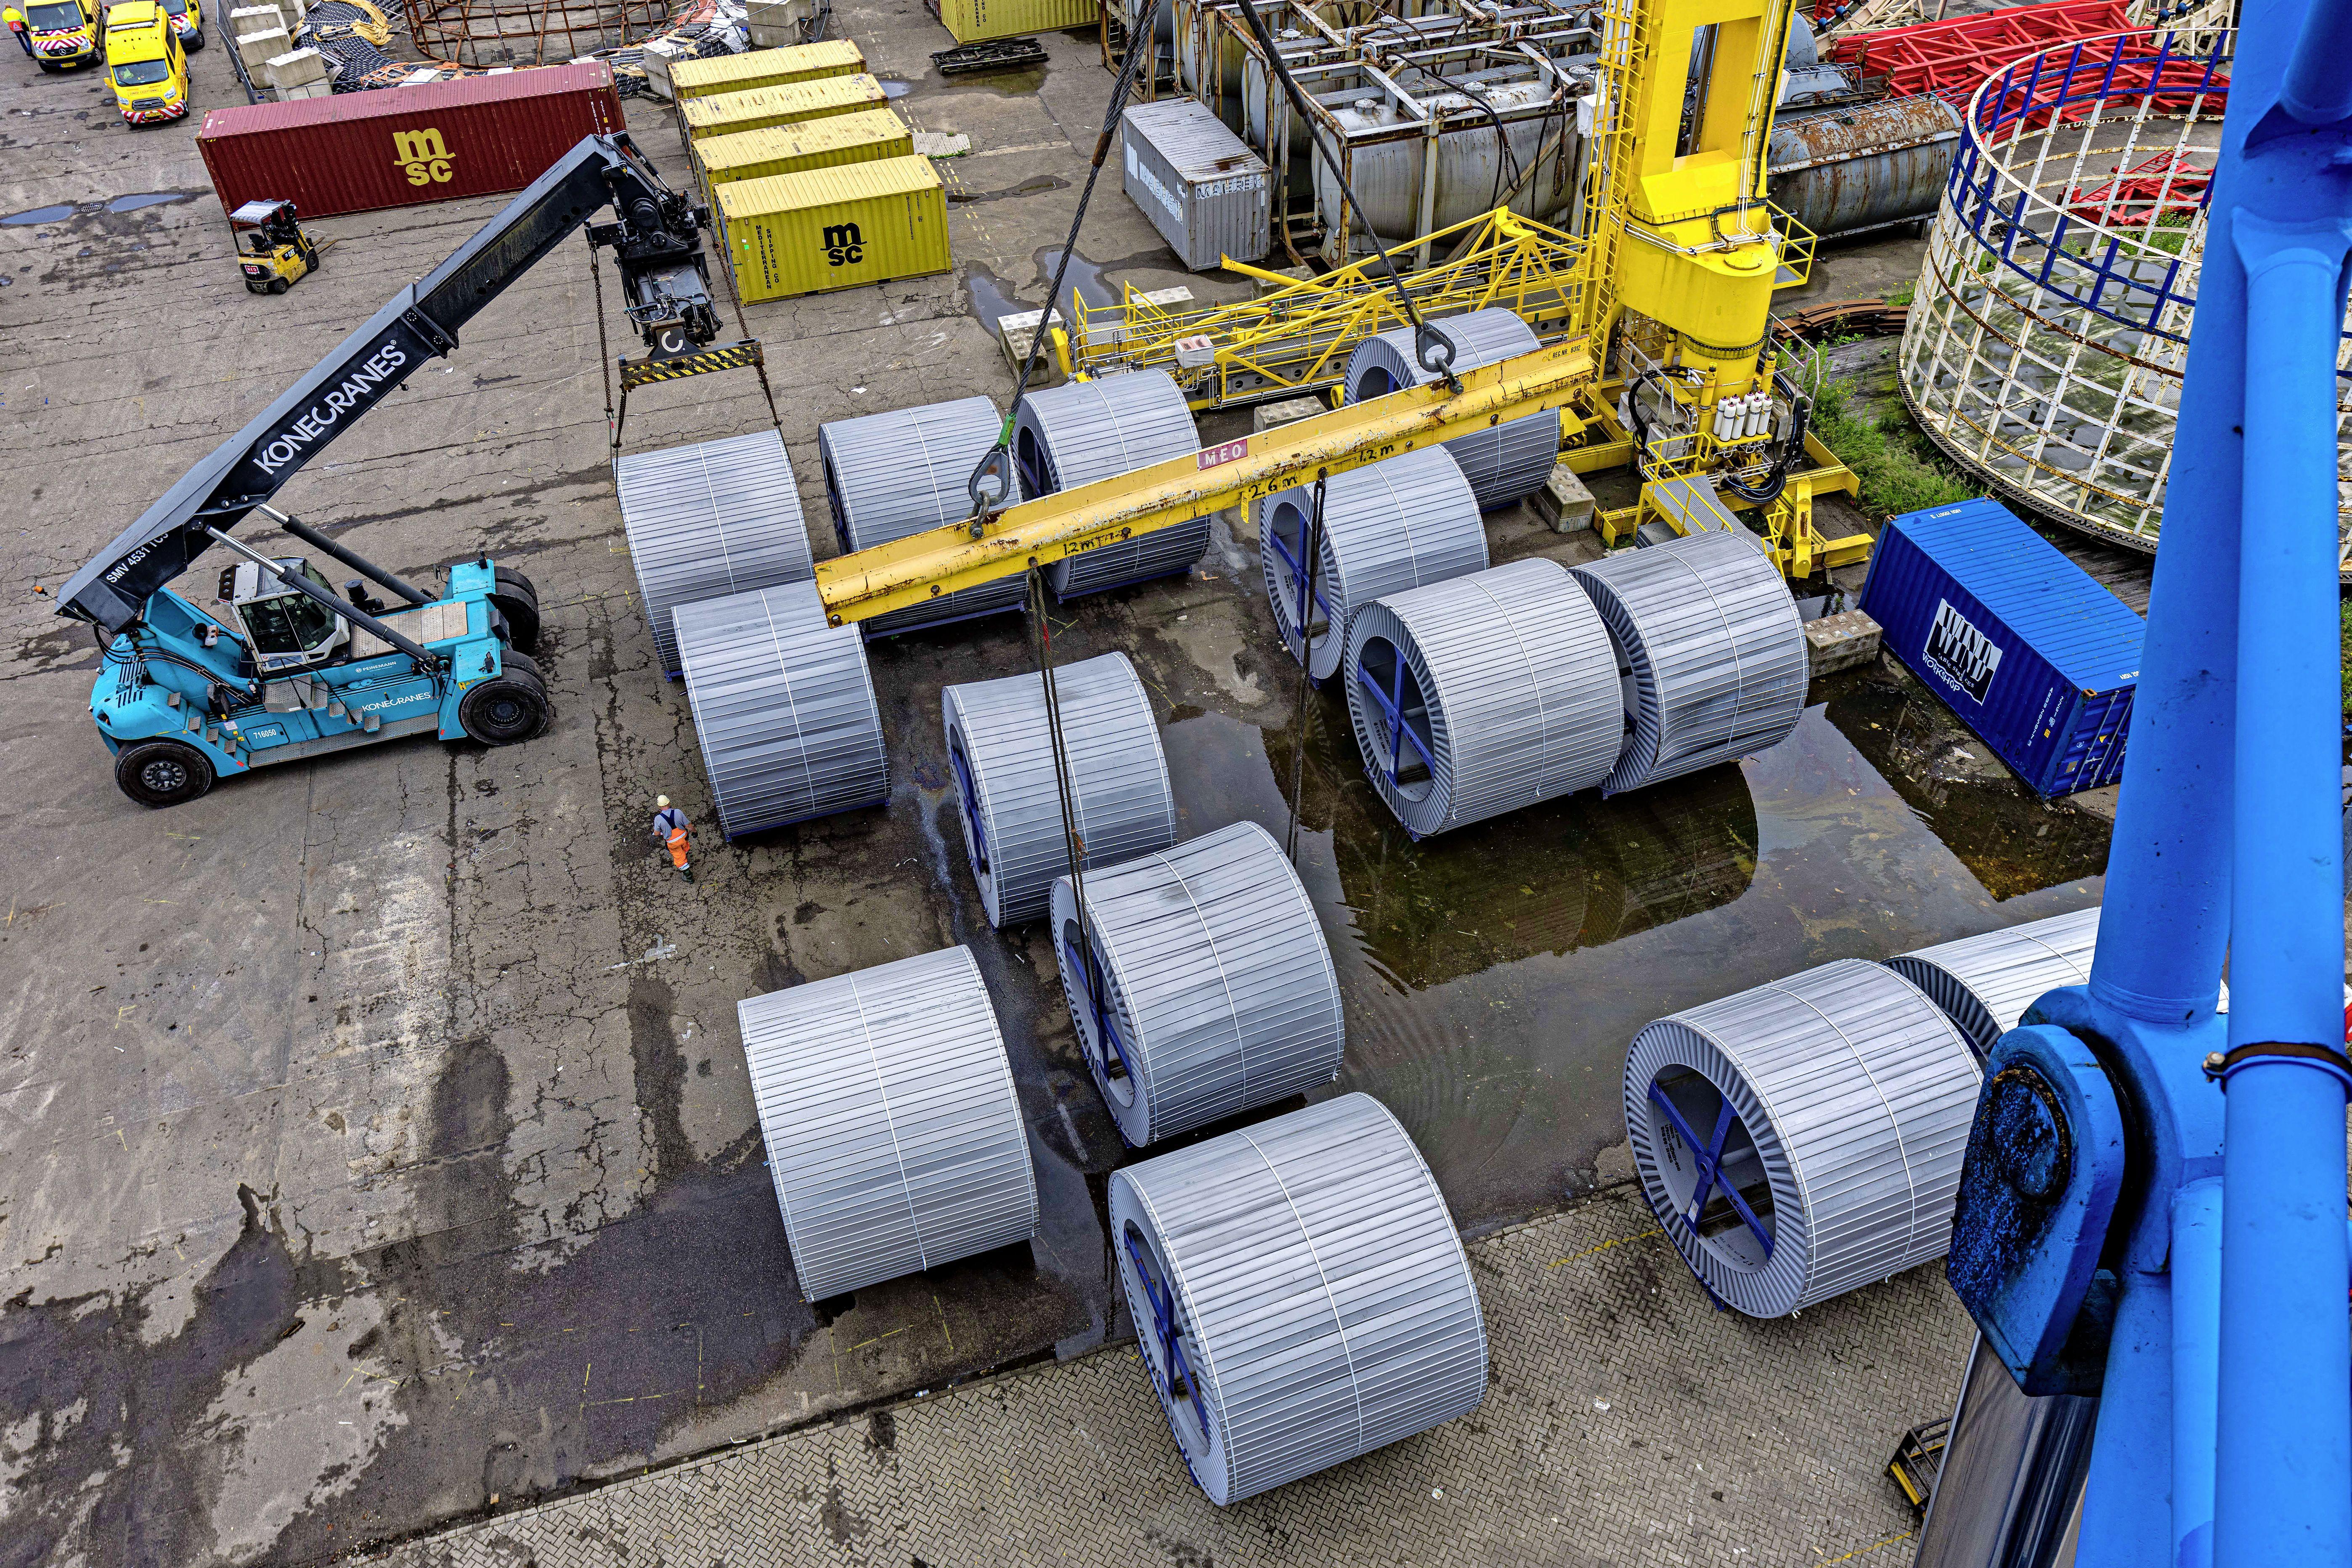 De kabels voor het energiespinnenweb van Tennet hebben een lange reis achter de rug: Korea, Rotterdam en nu door Velsen-Noord naar het Tata-terrein